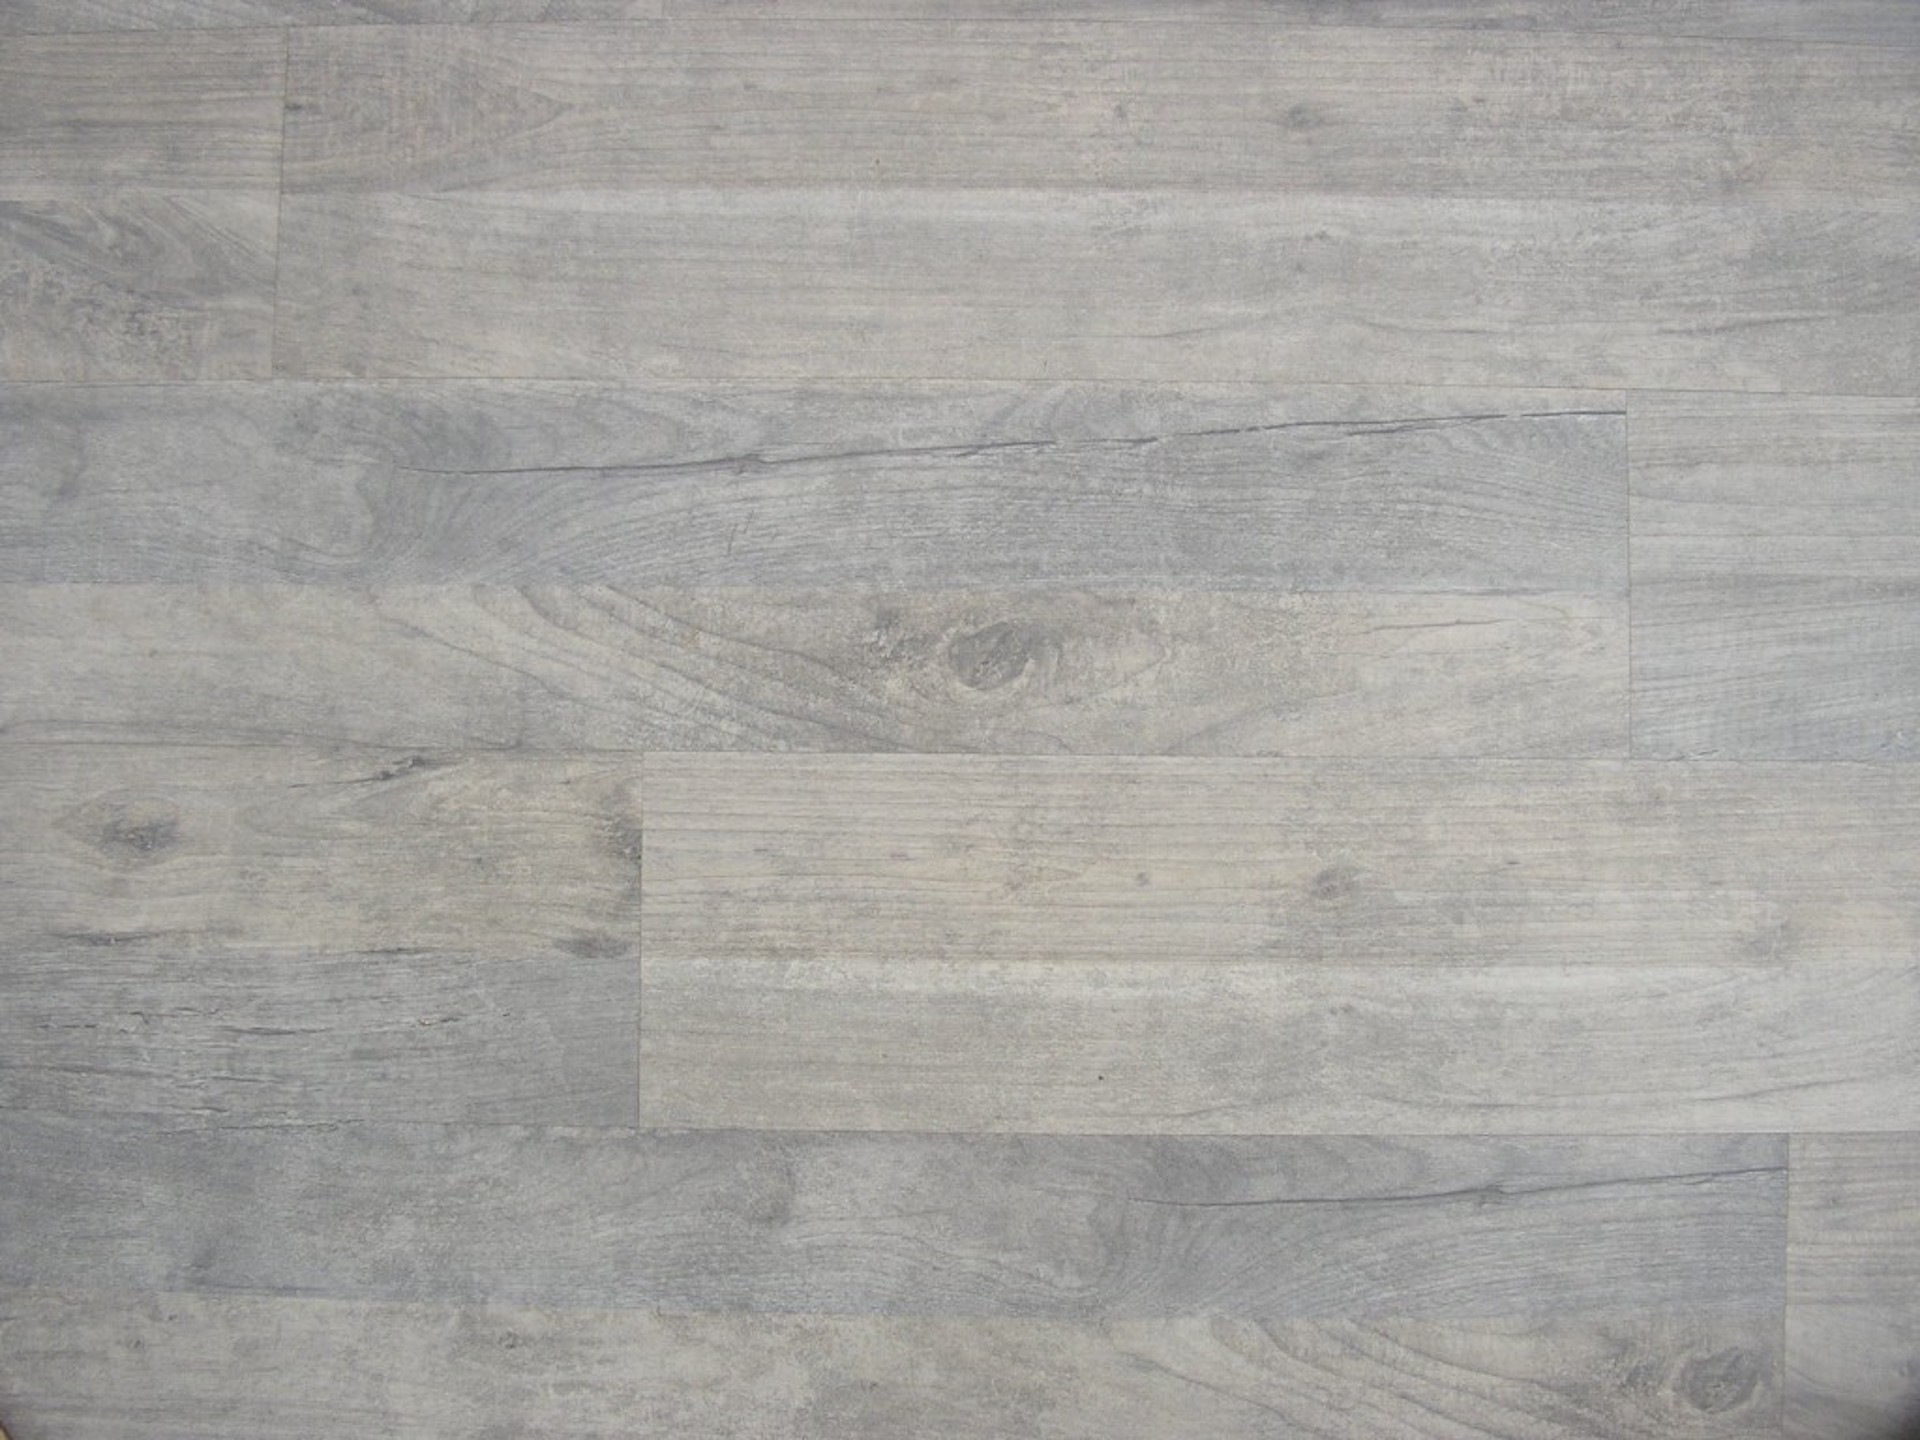 Tipi Di Marmo Grigio malta per riparazioni: texture parquet grigio